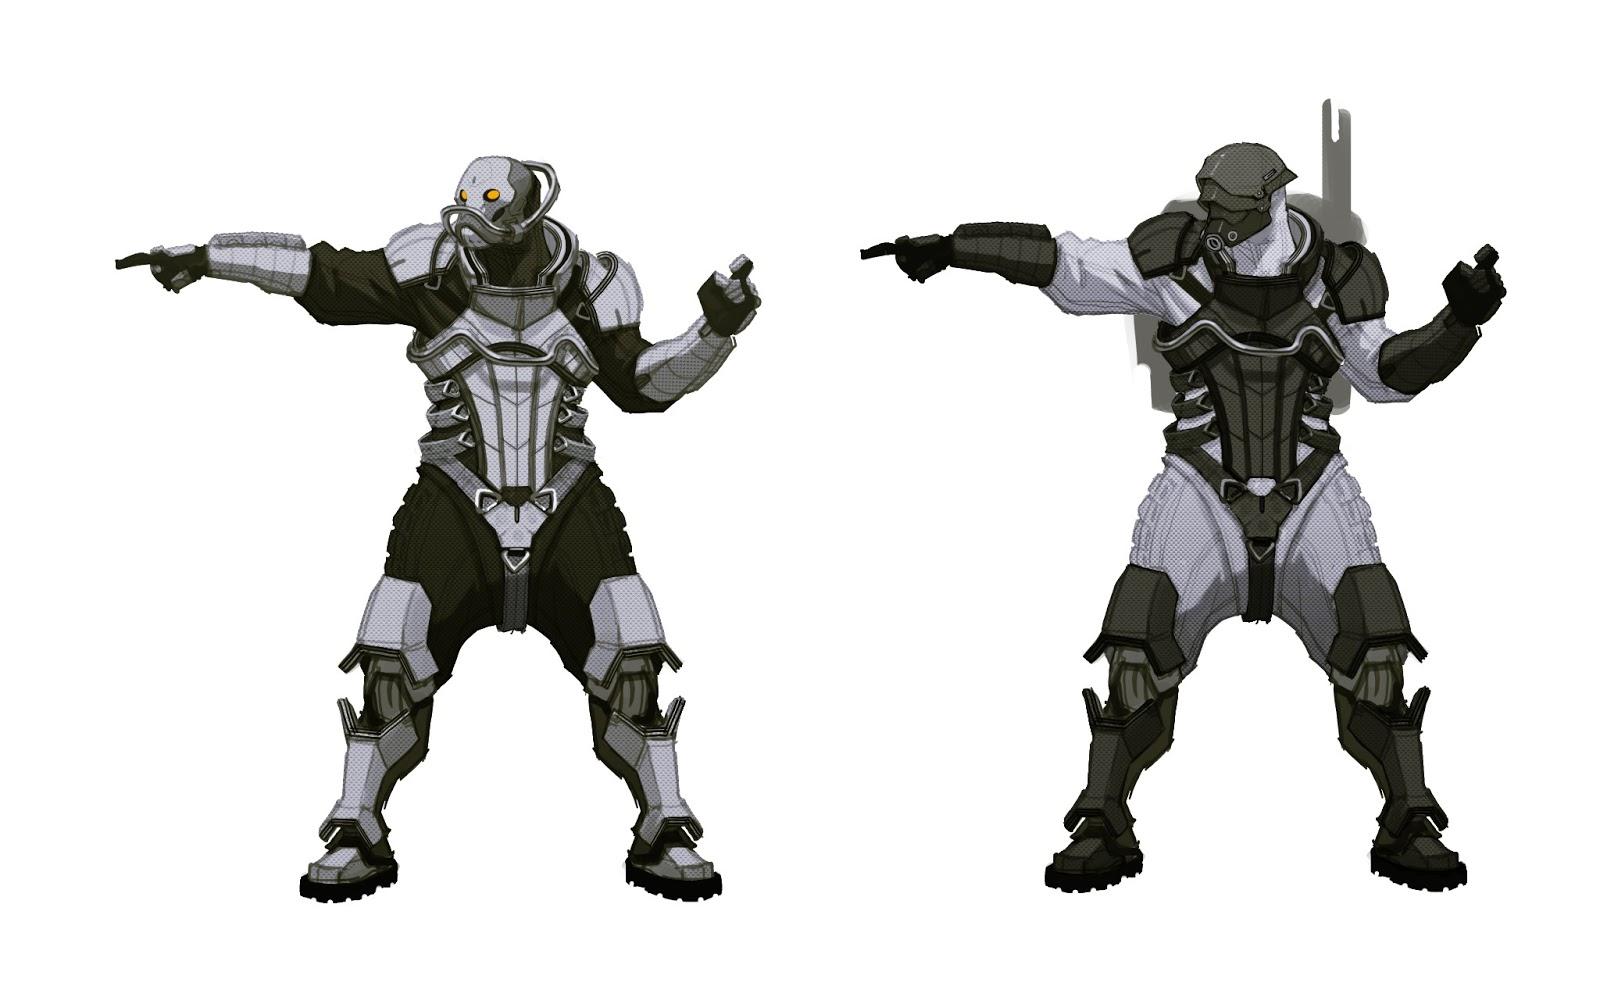 Takhle mohl původně vypadat Mass Effect a Dragon Age 85117